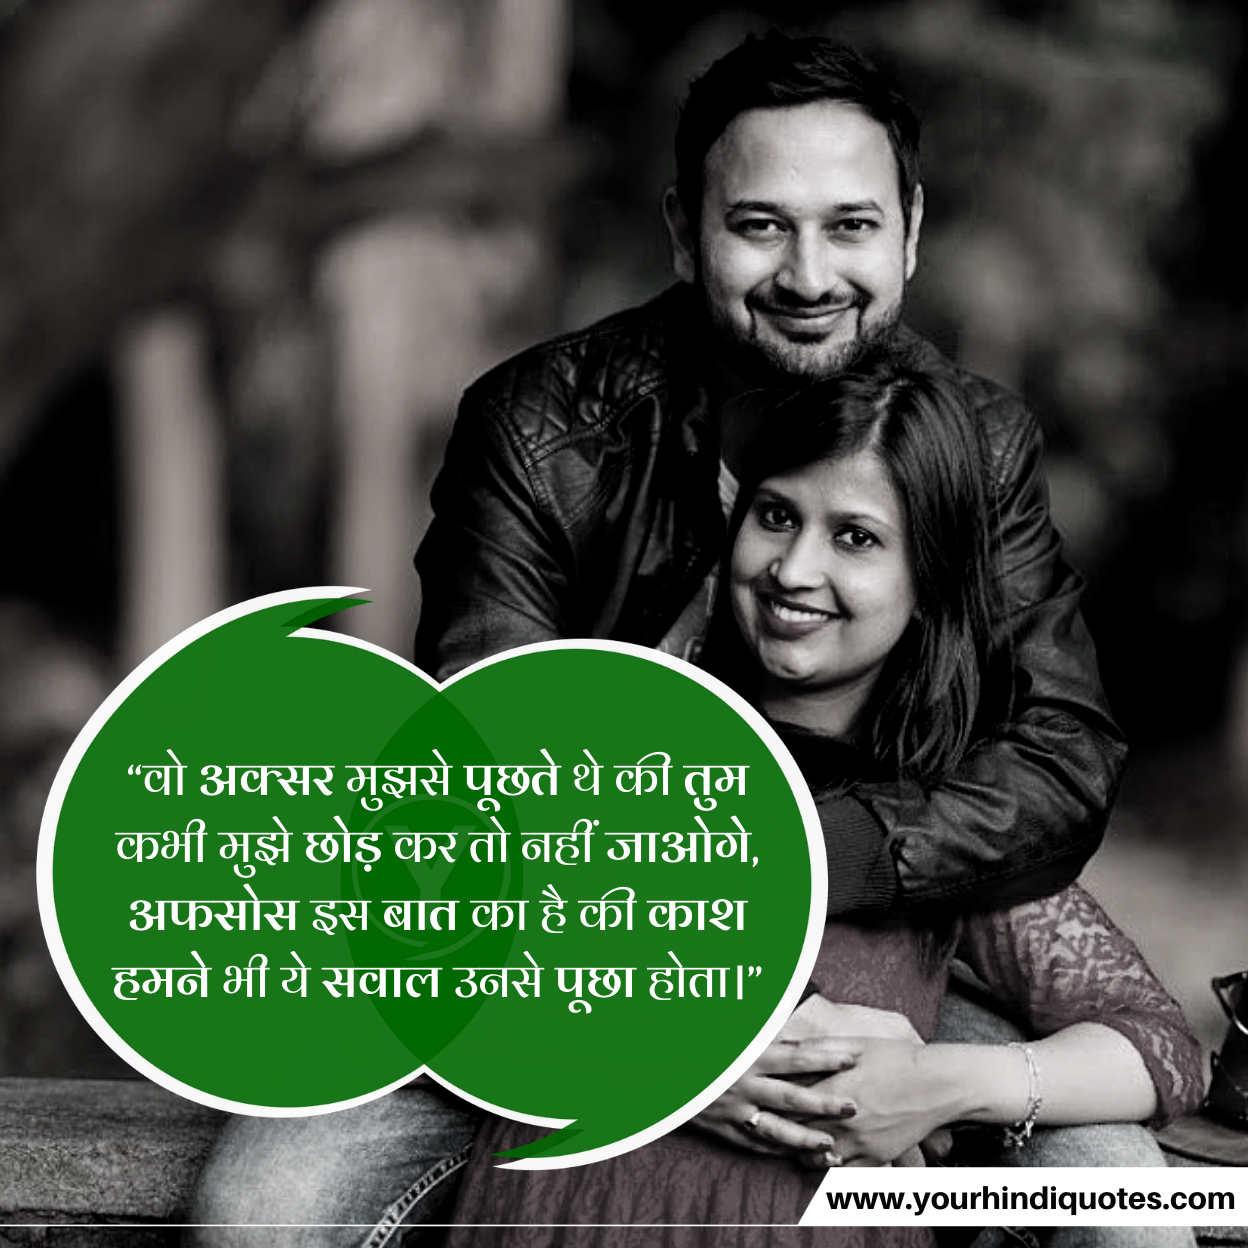 Hindi Love WhatsApp Status Image